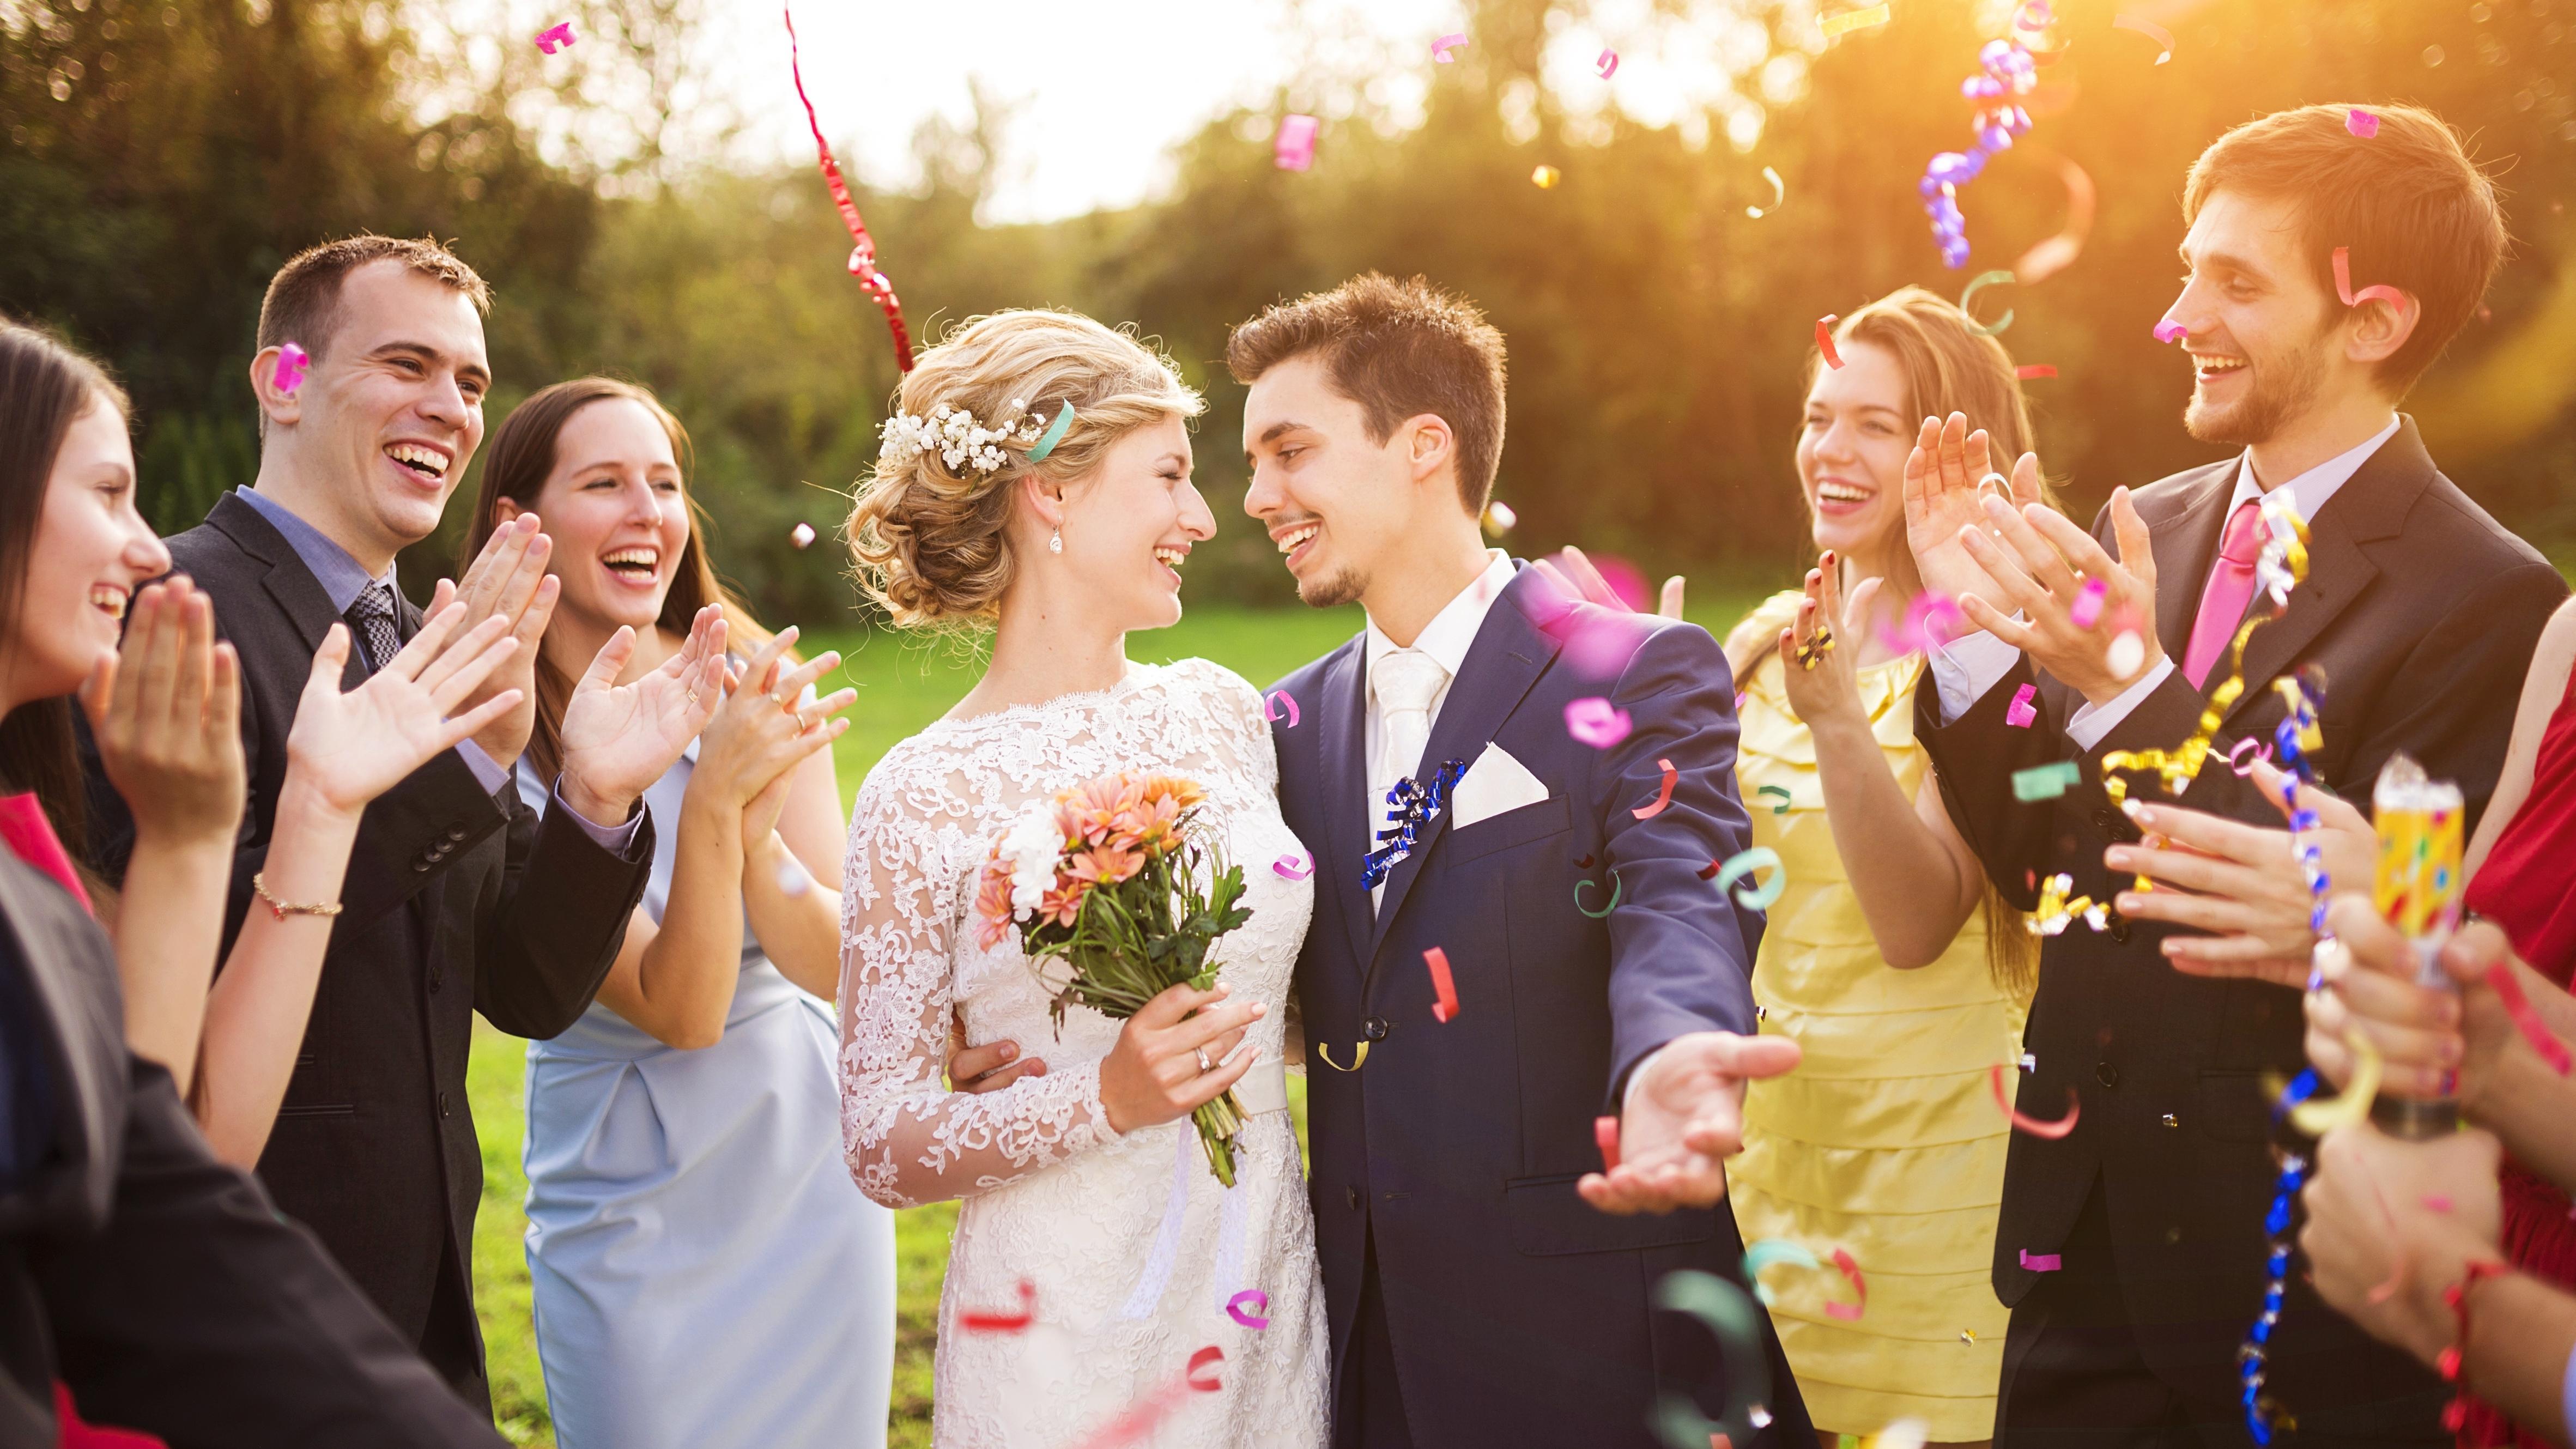 śmieszne życzenia ślubne Najoryginalniejsze Rymy Sprawdź